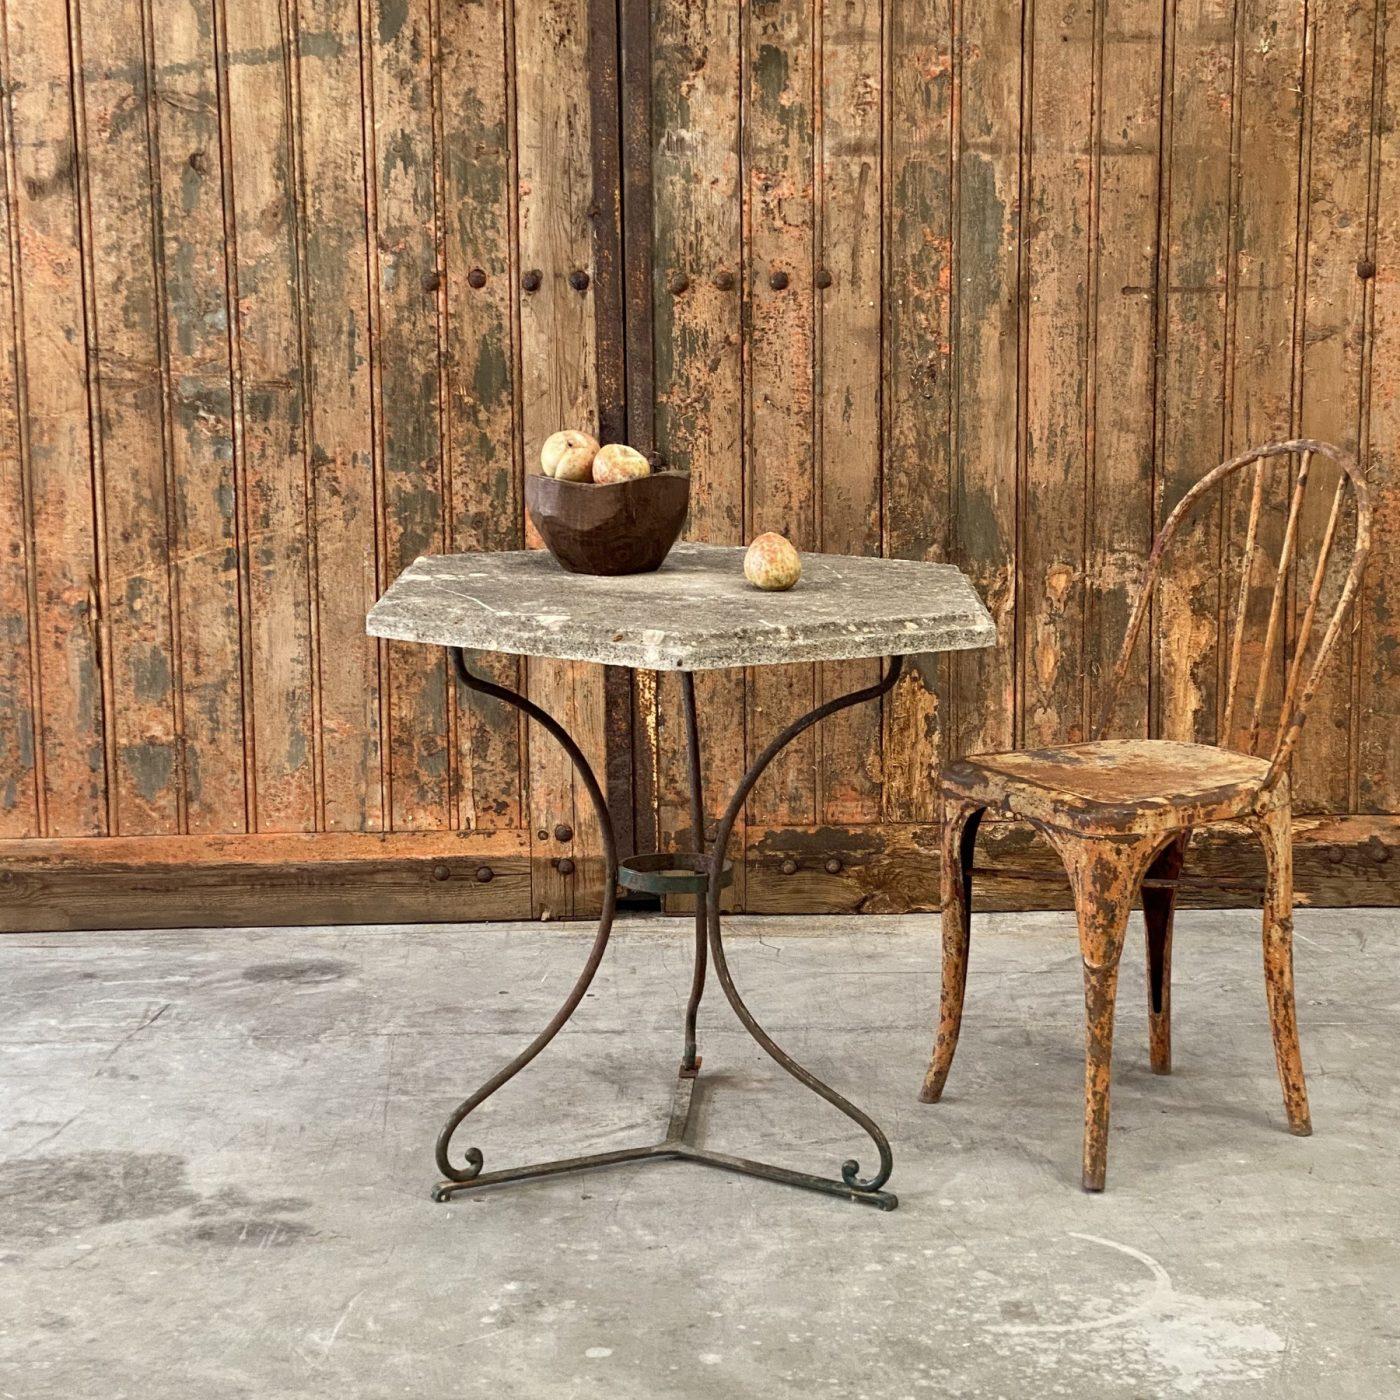 objet-vagabond-bistrot-table0004